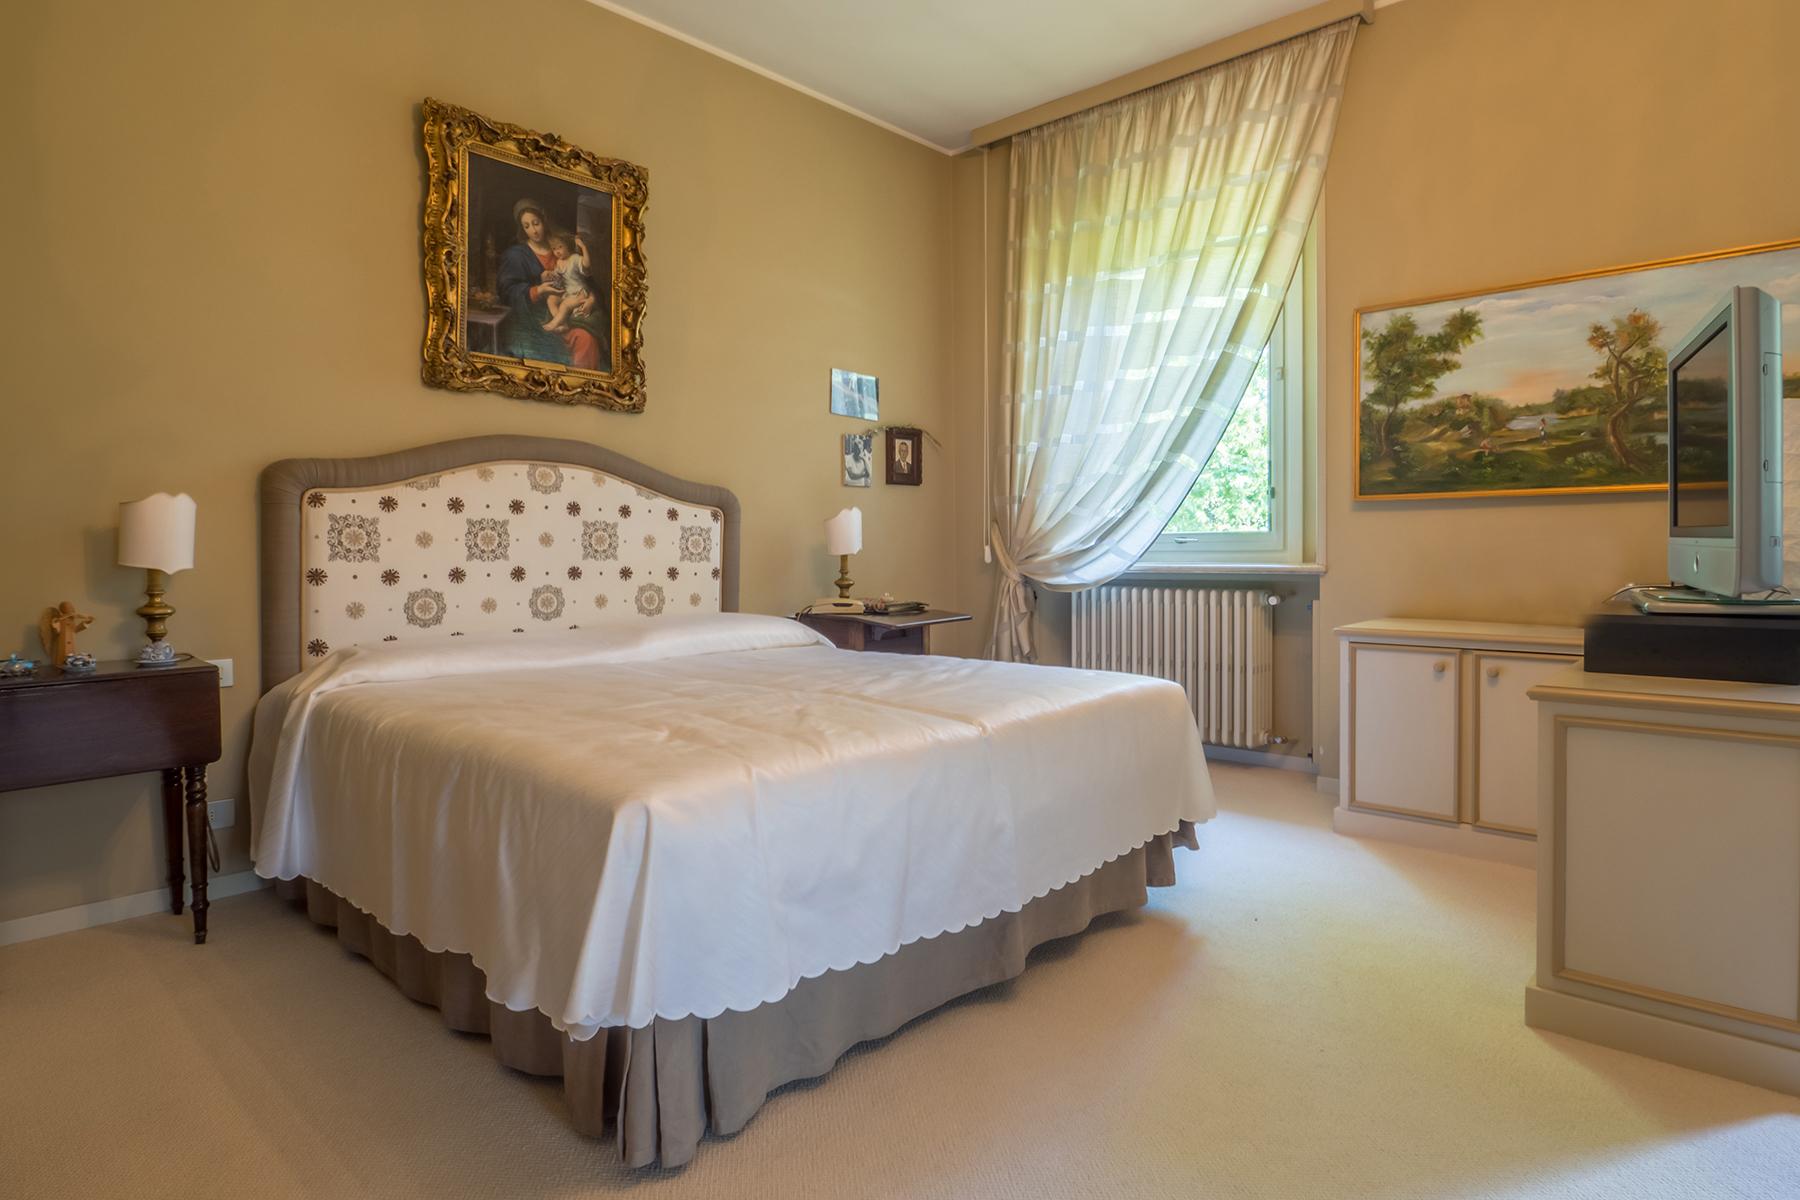 Appartamento in Vendita a Biella: 4 locali, 185 mq - Foto 8